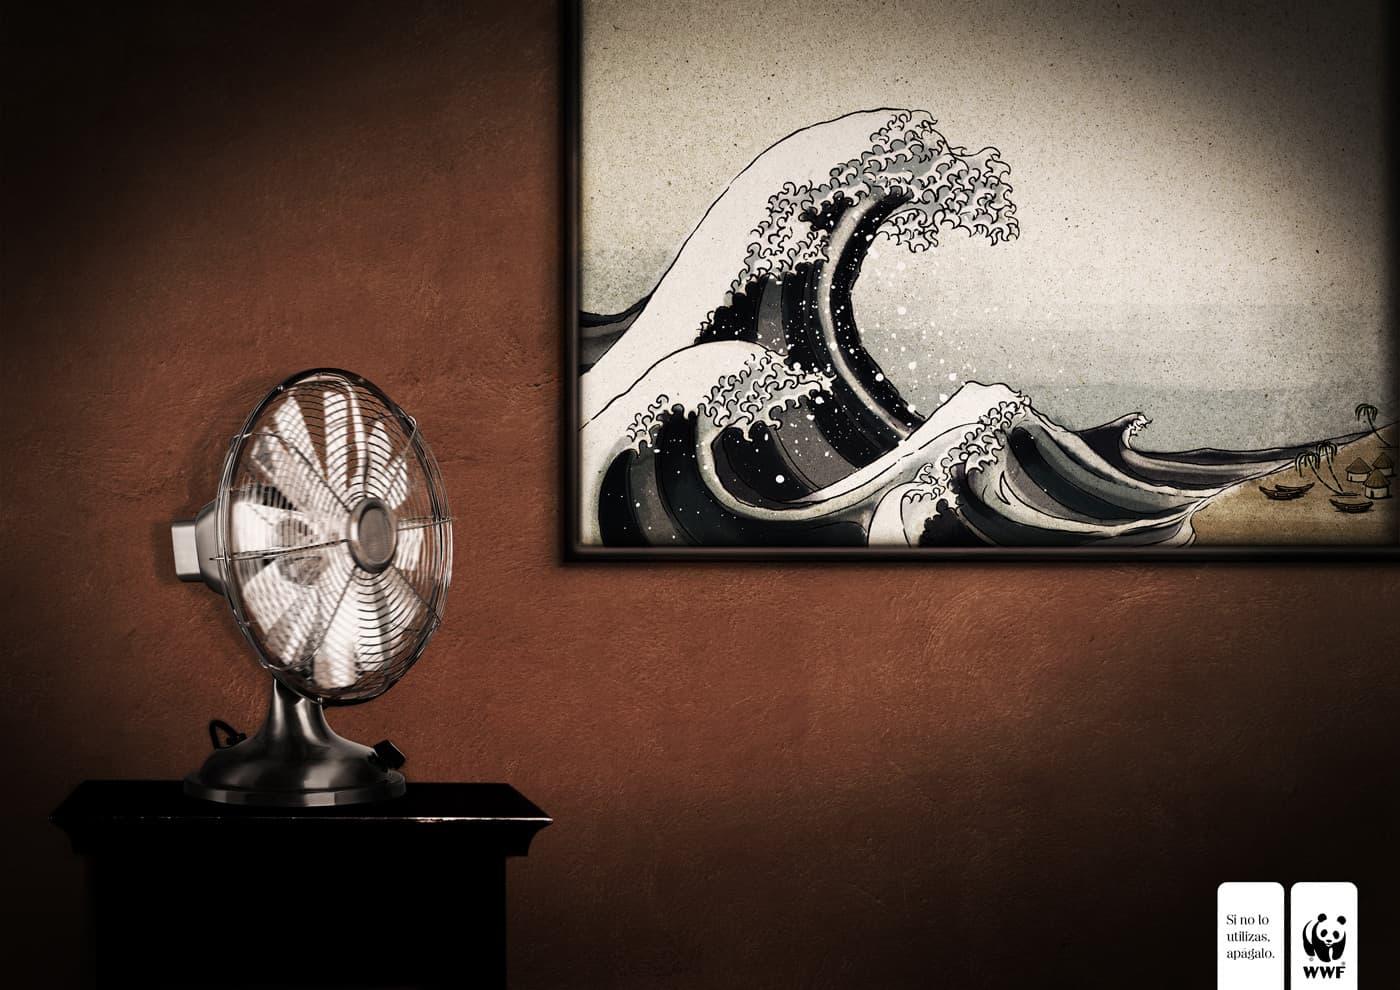 WWF Tsunami